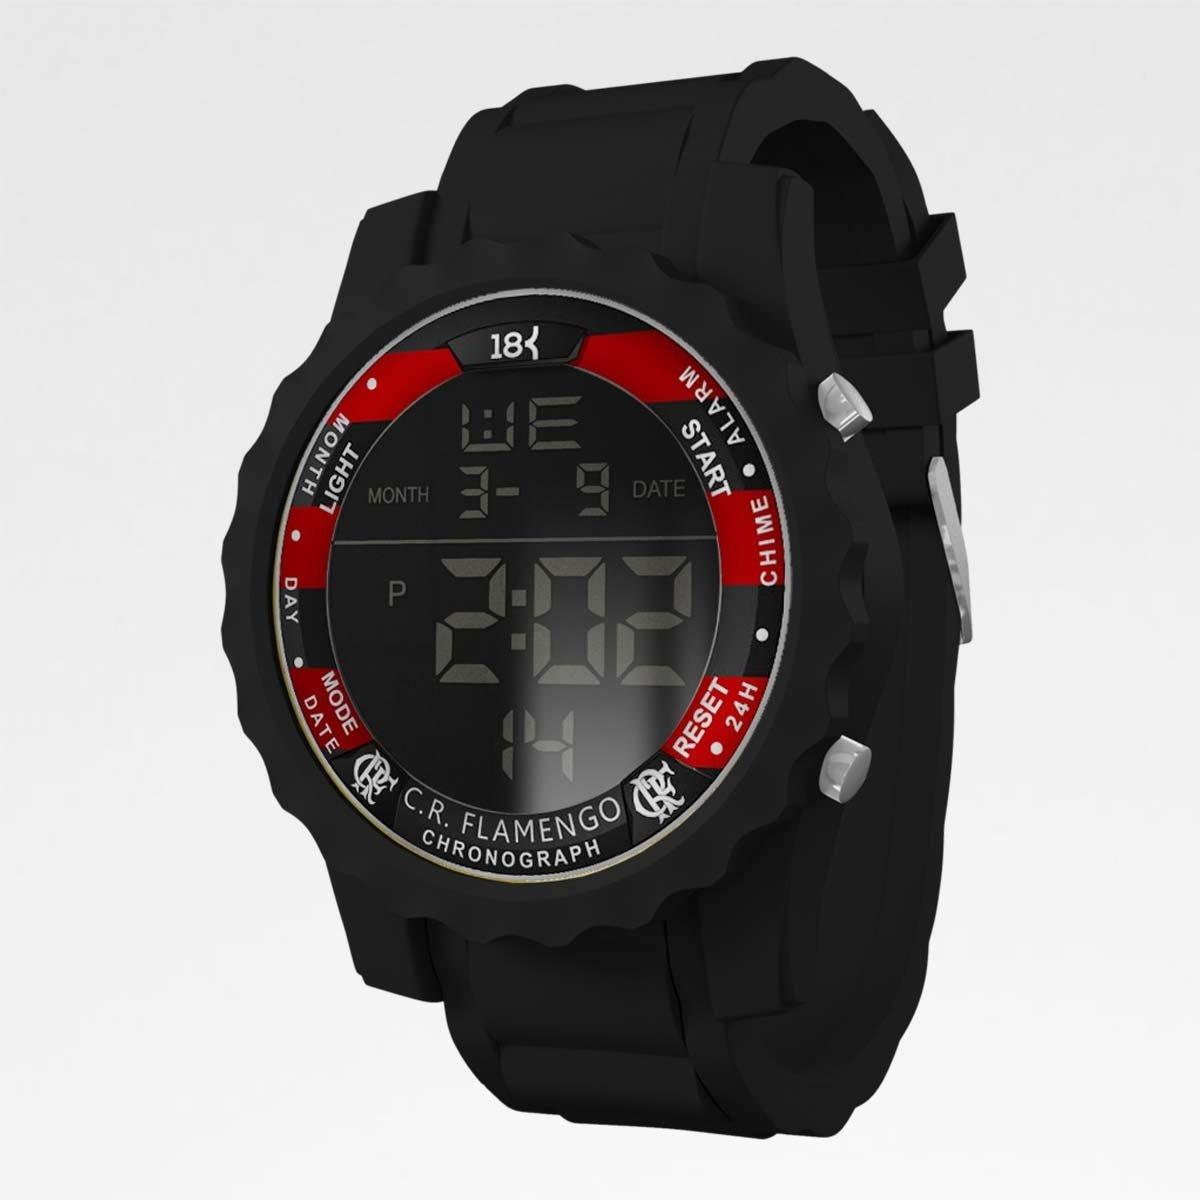 Relógio Flamengo Campeão da Copa Ouro 1996 Fla 18K - Compre Agora ... f59bbe0e8170e